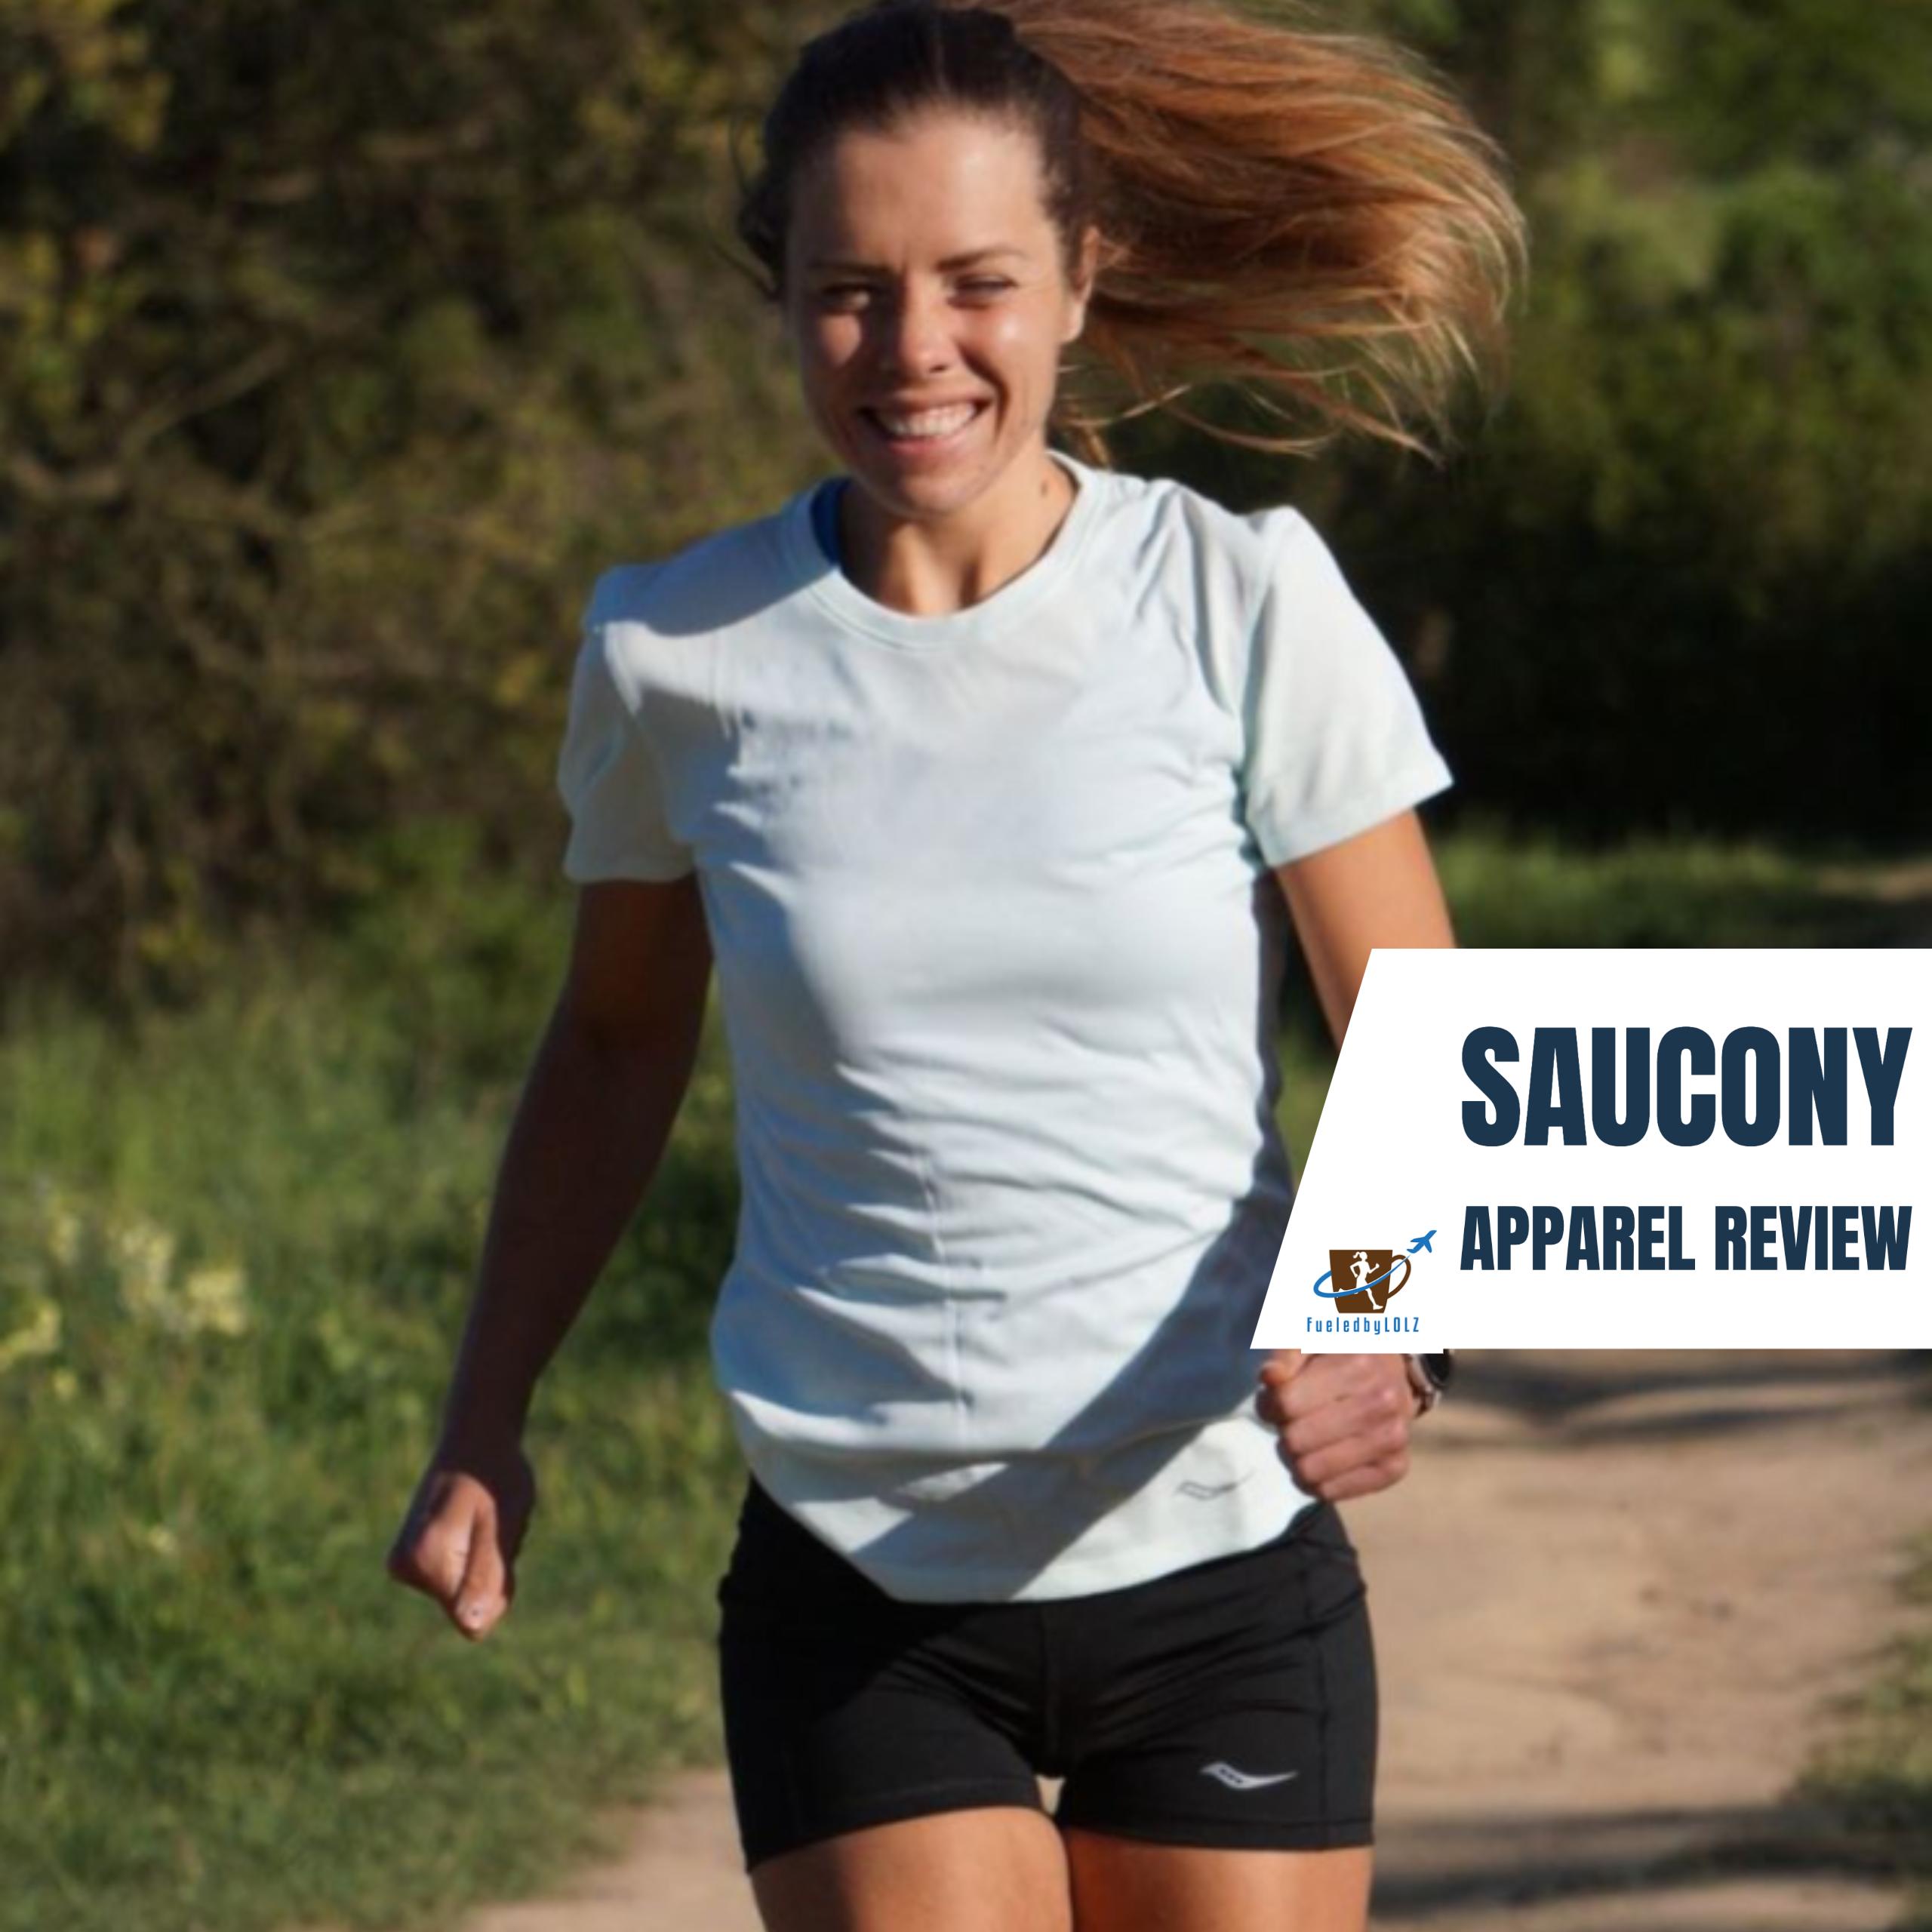 Saucony apparel review